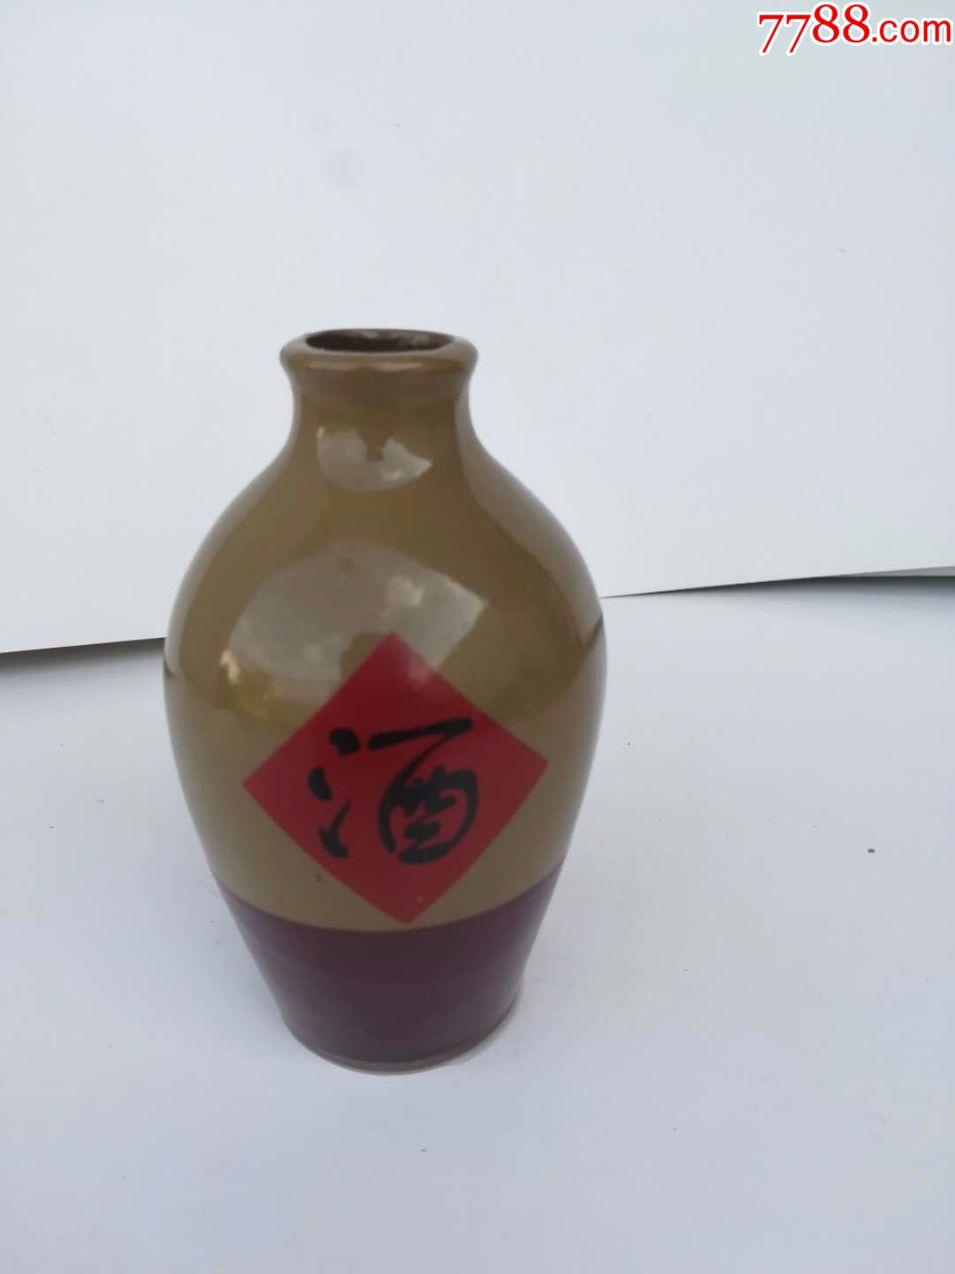 酒瓶收藏·花冠酒小瓶